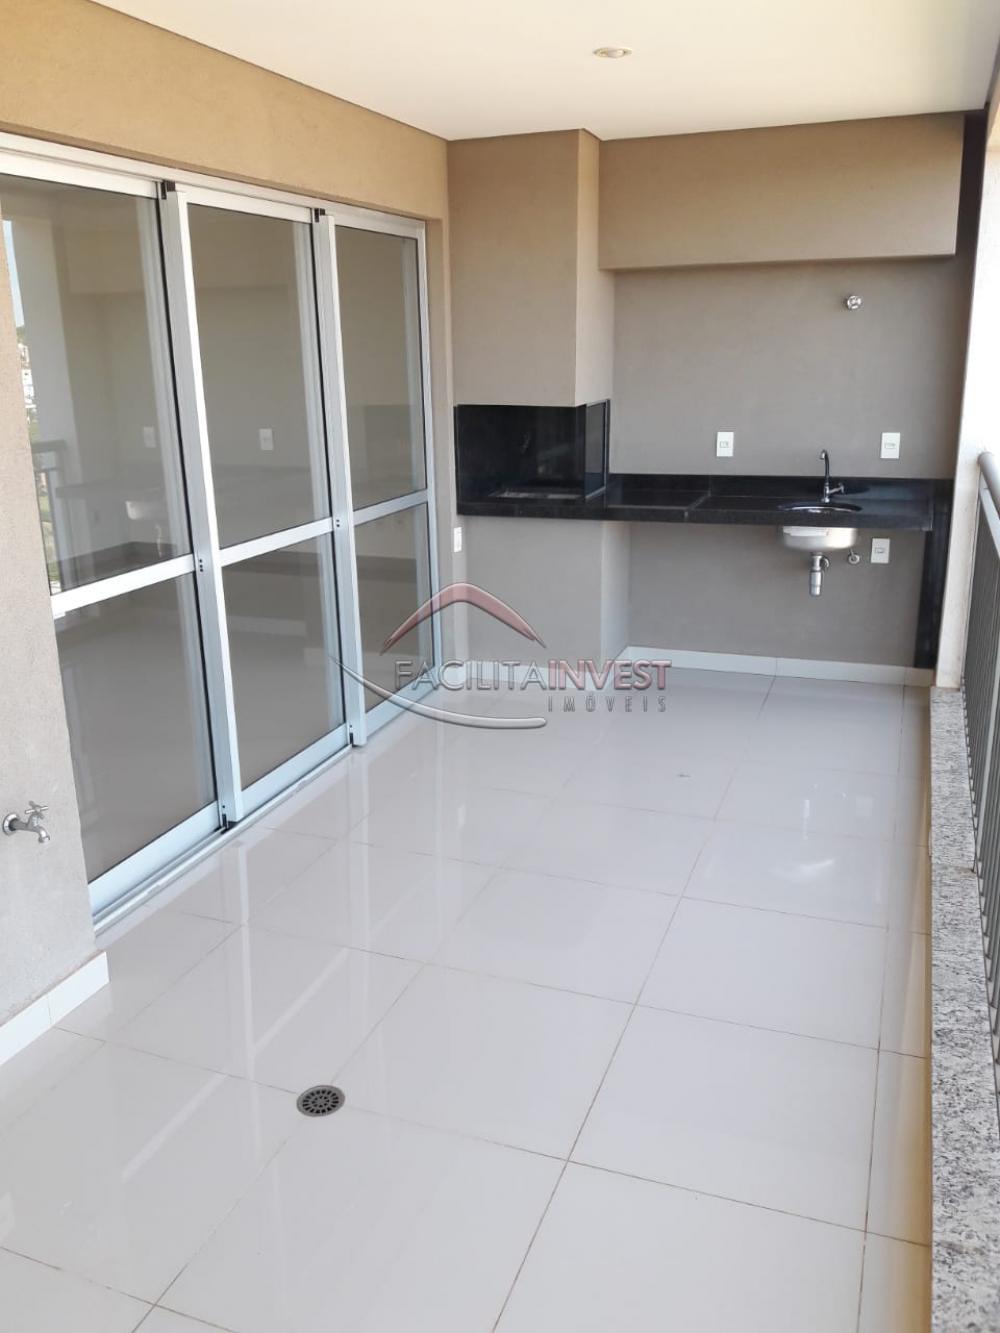 Comprar Apartamentos / Apart. Padrão em Ribeirão Preto apenas R$ 716.732,70 - Foto 1